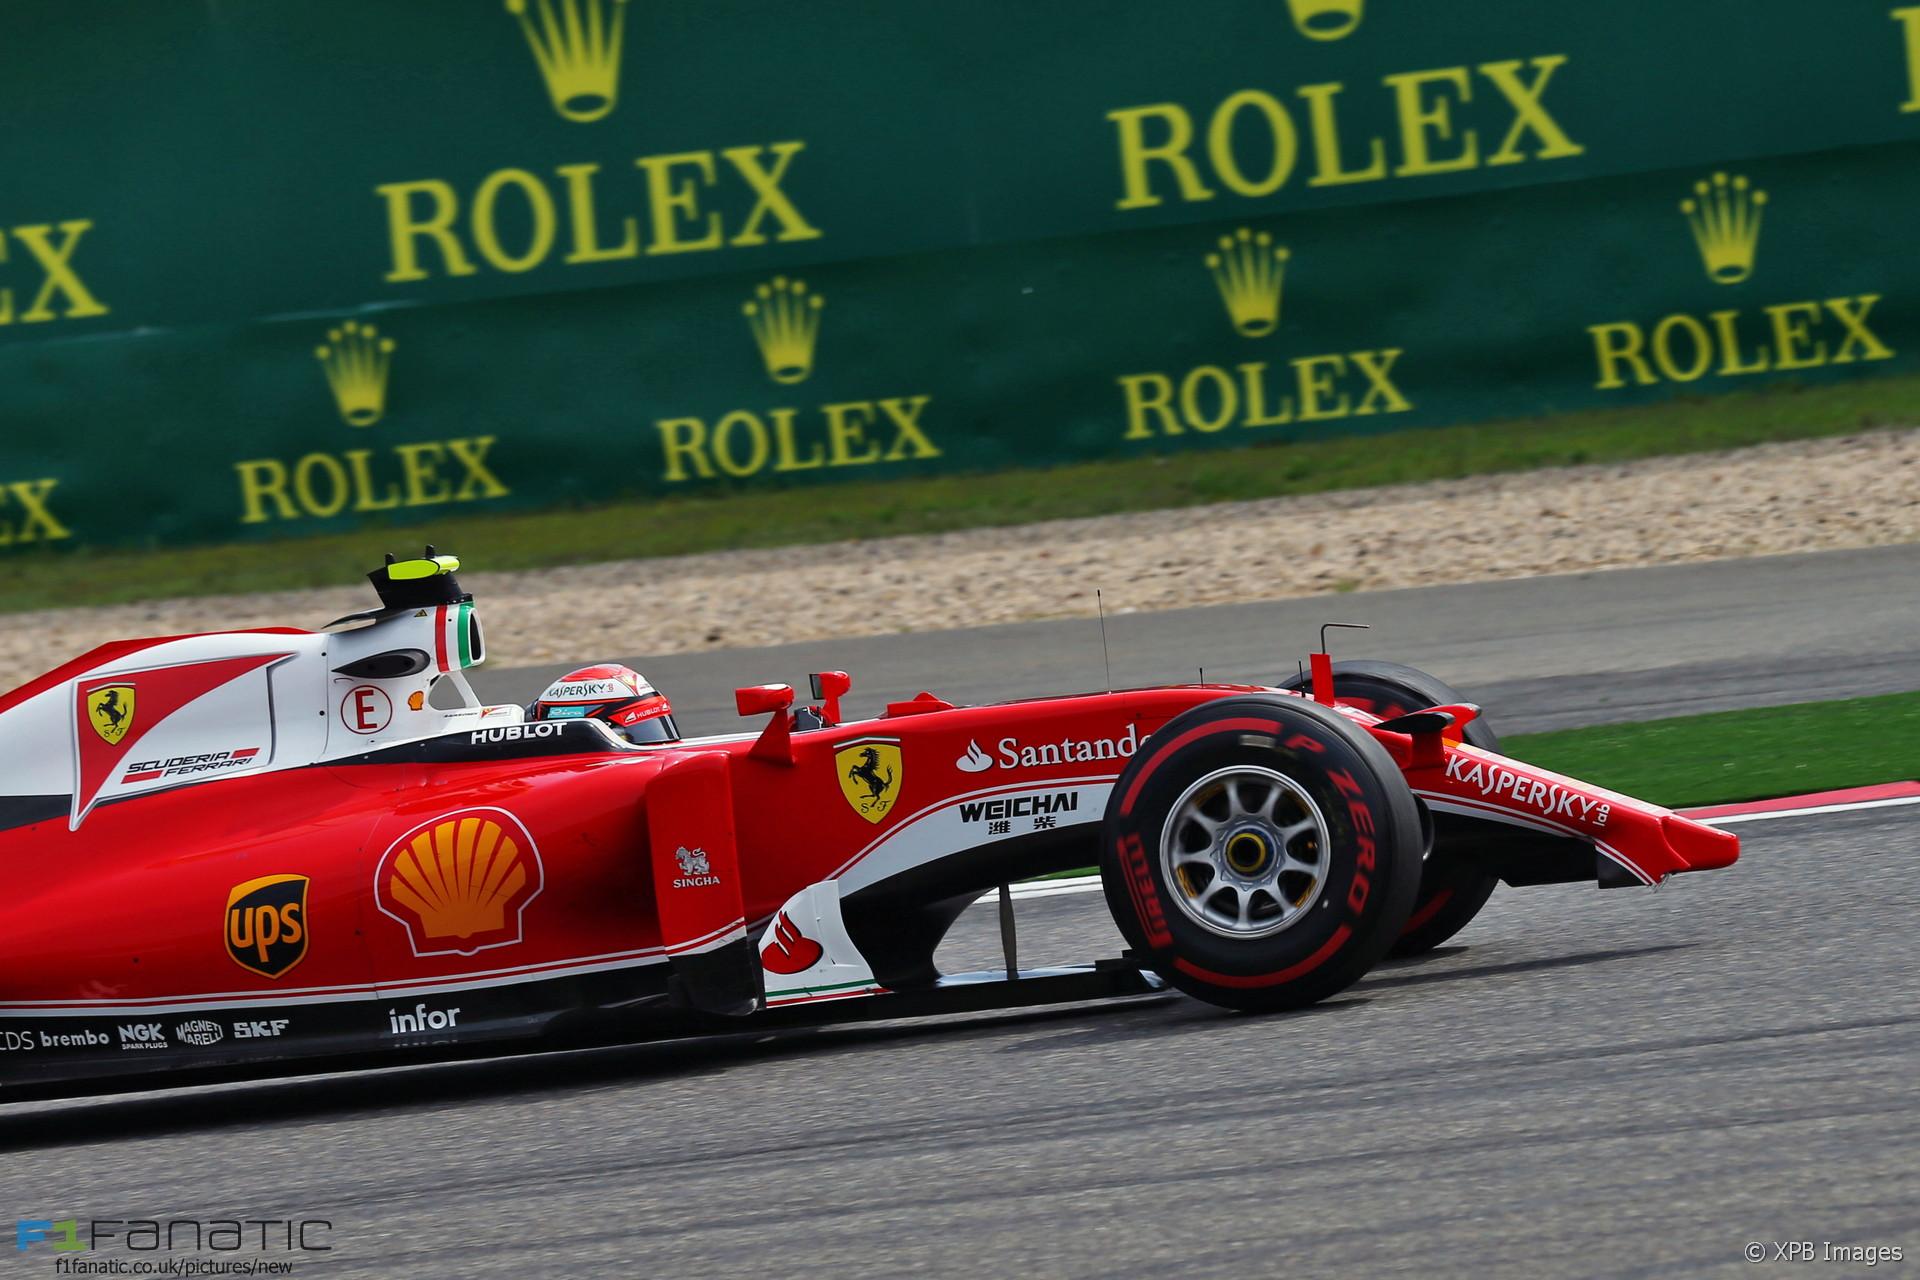 Kimi Raikkonen, Ferrari, Shanghai International Circuit, 2016